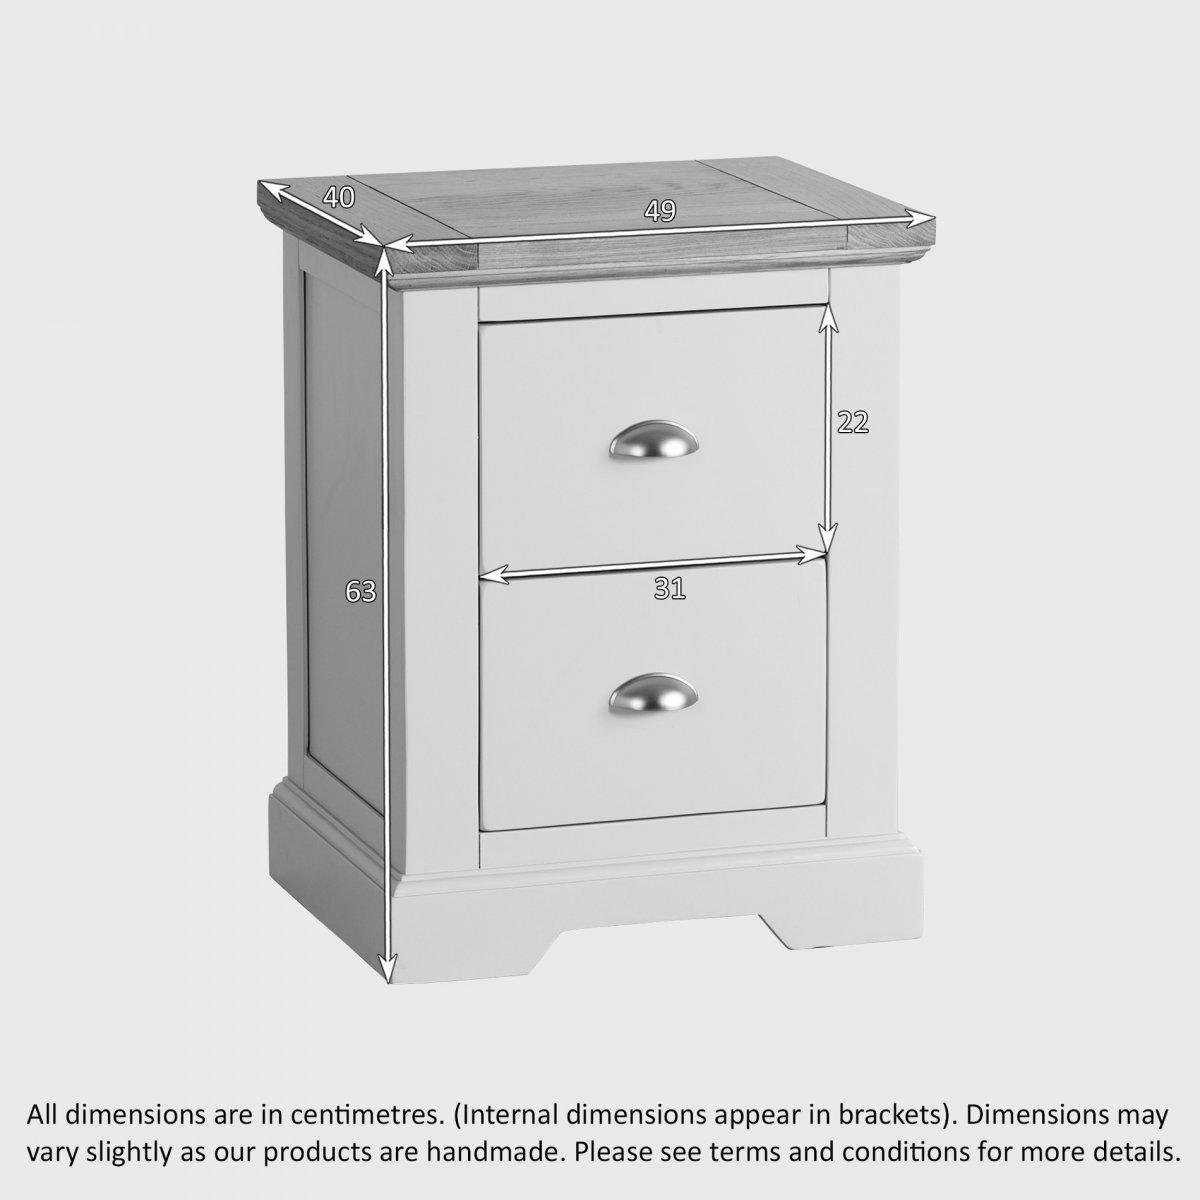 st ives 2 drawer grey bedside table with brushed oak top. Black Bedroom Furniture Sets. Home Design Ideas